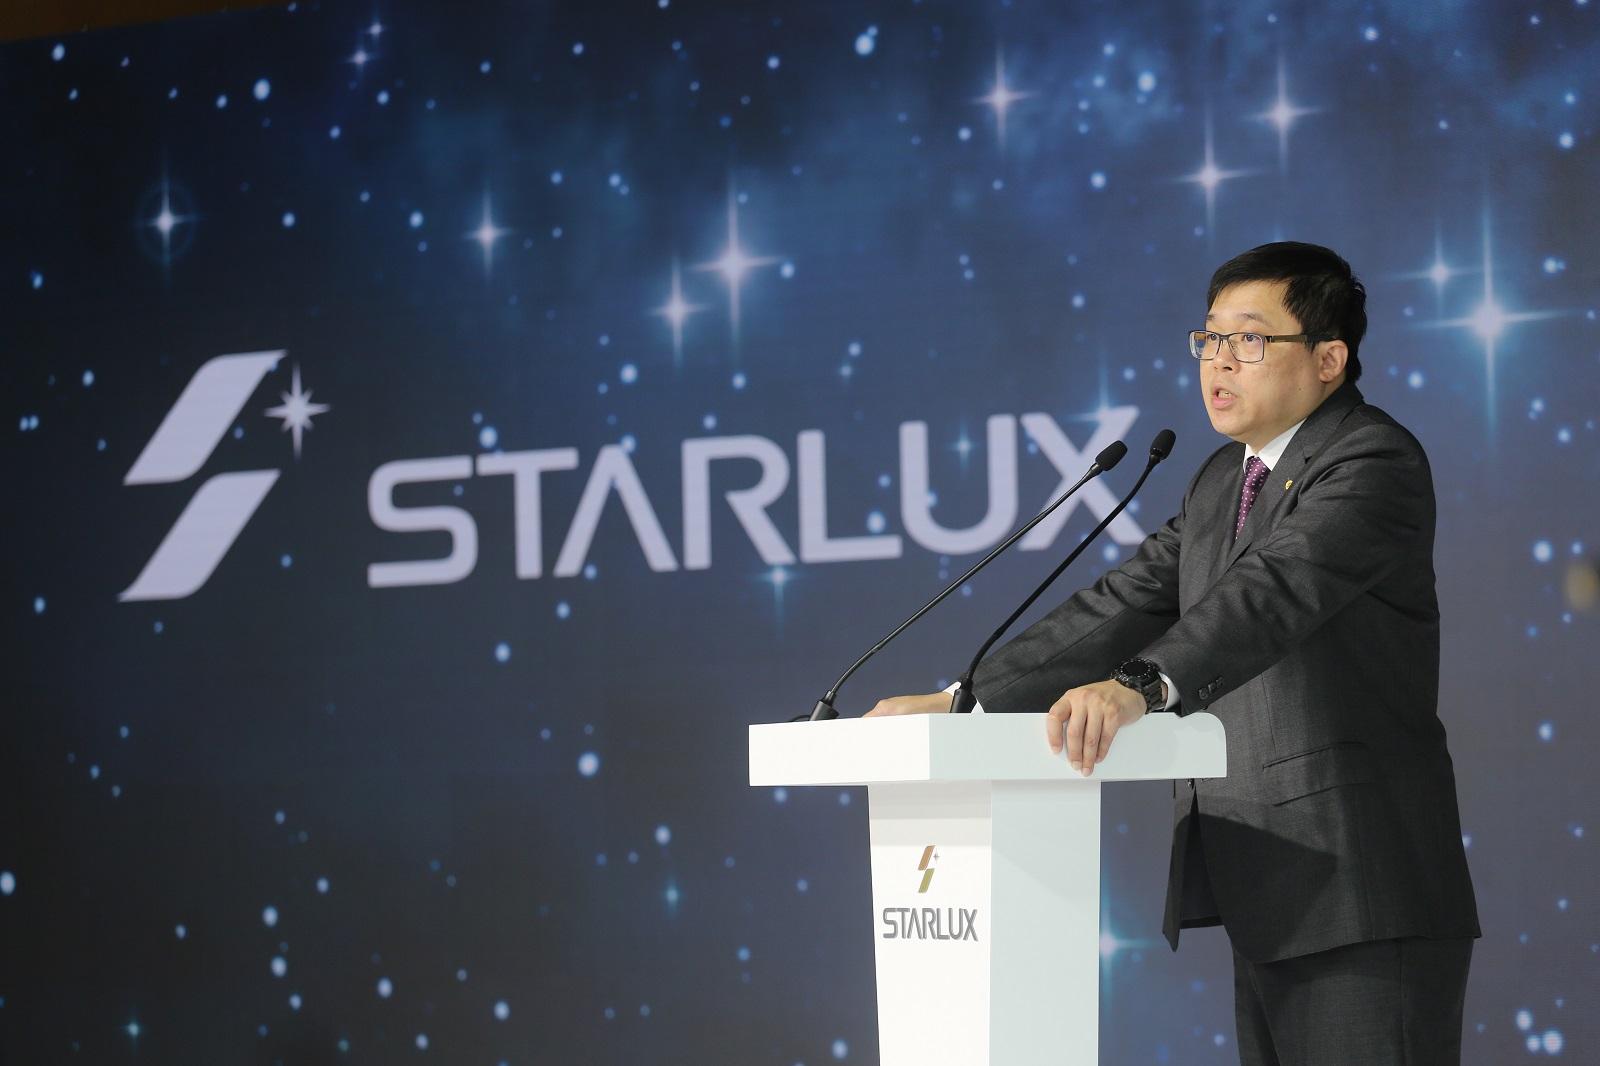 張國煒:航空業是「犁田行業」,沒熱情只想賺錢,不要進來